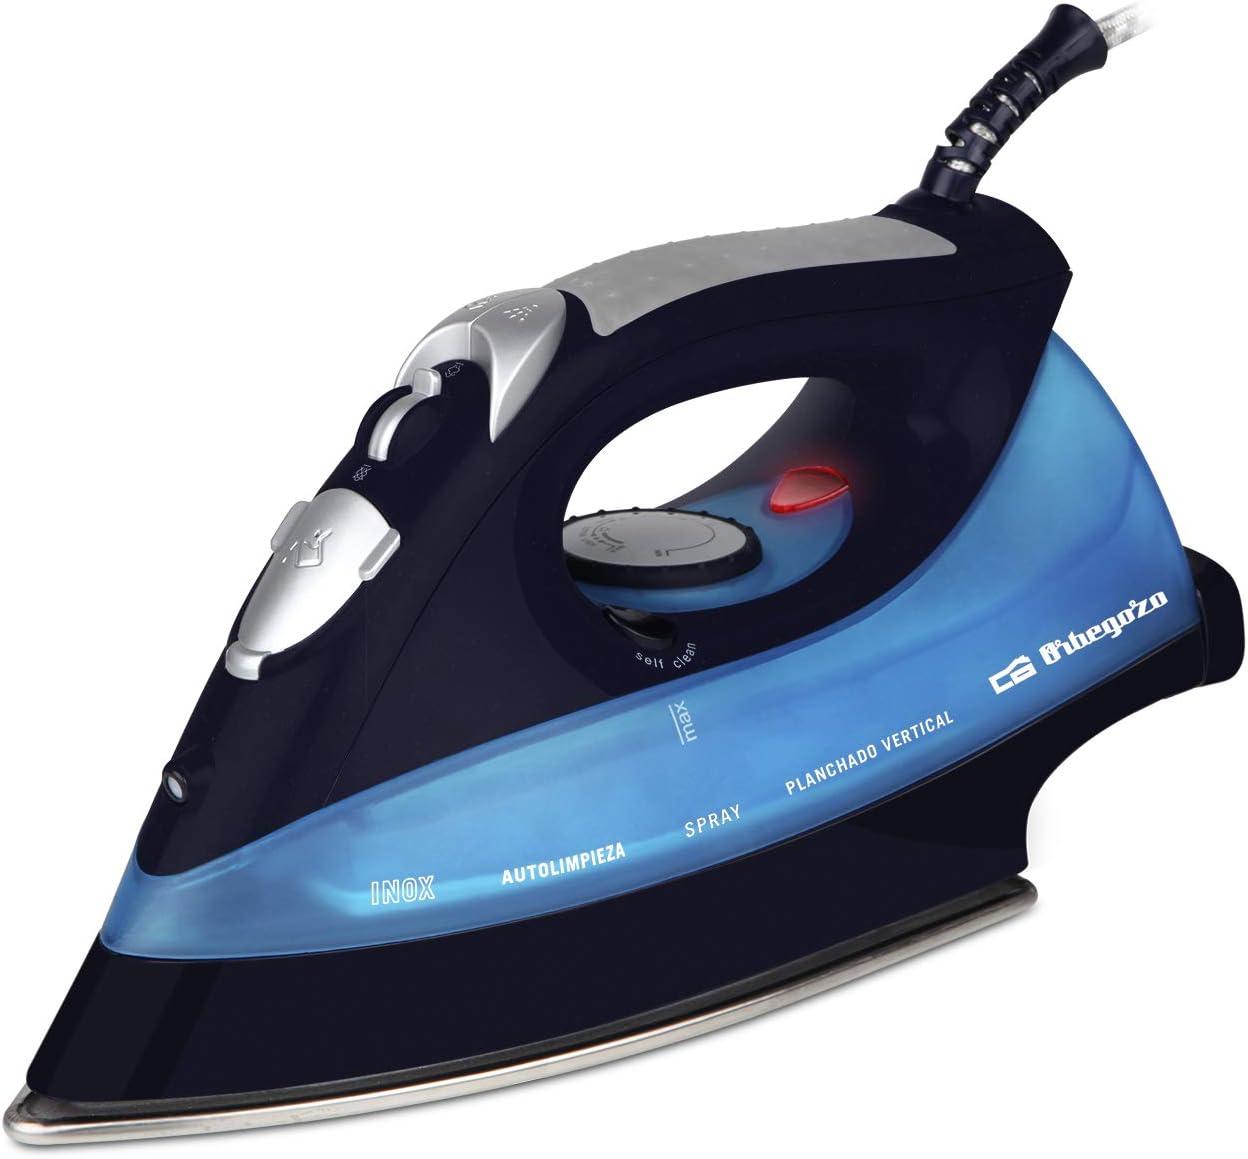 Orbegozo SV 2680 - Plancha ropa vapor, 2600 W de potencia, suela INOX, función autolimpieza, sistema de planchado en seco y con vapor, regulador de temperatura